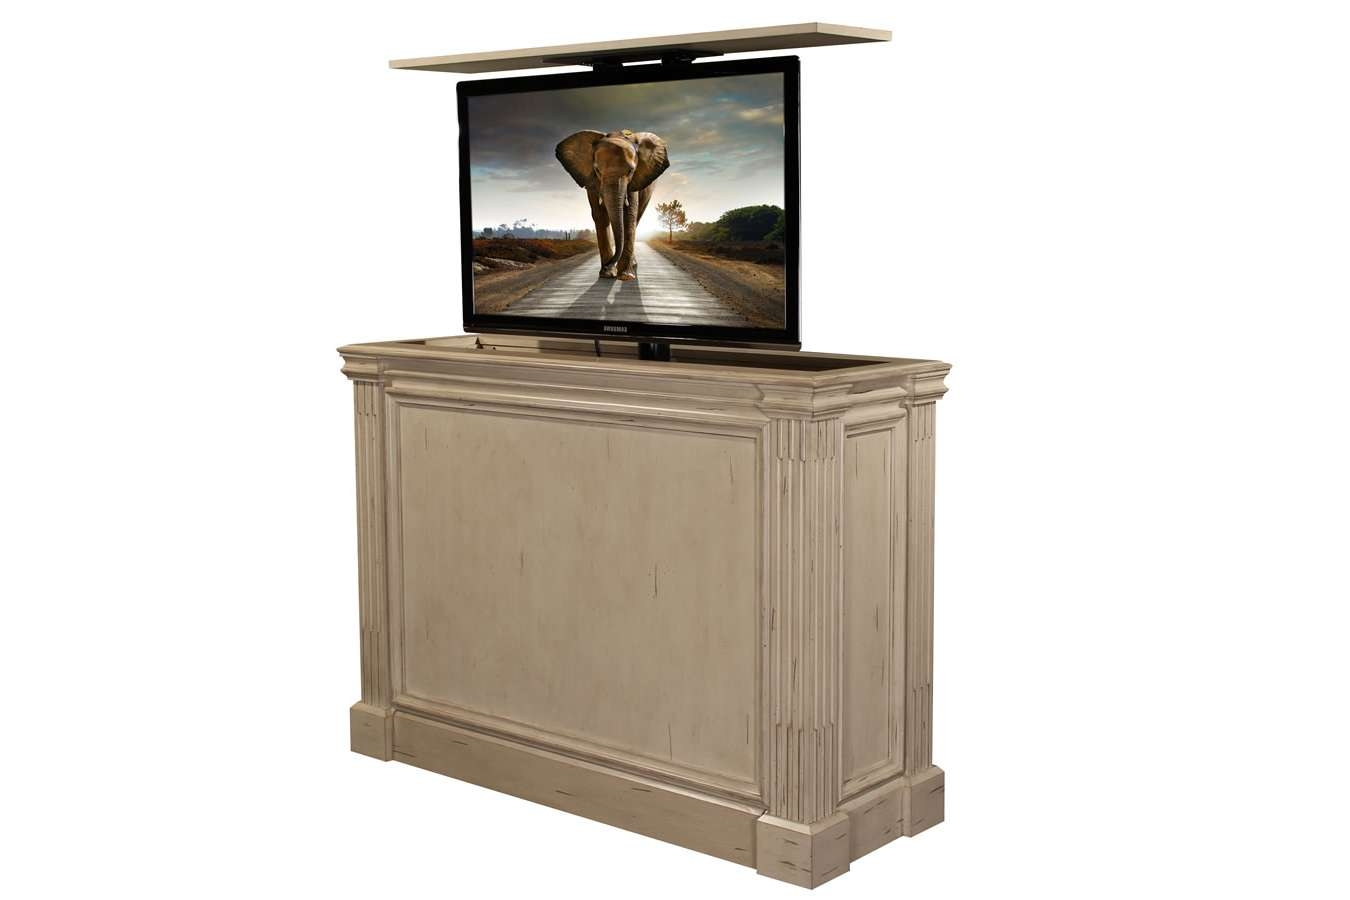 Hidden Tv Cabinet | Pop Up Tv Cabinet | Transitional Tv Cabinets With Asian Tv Cabinets (View 19 of 20)